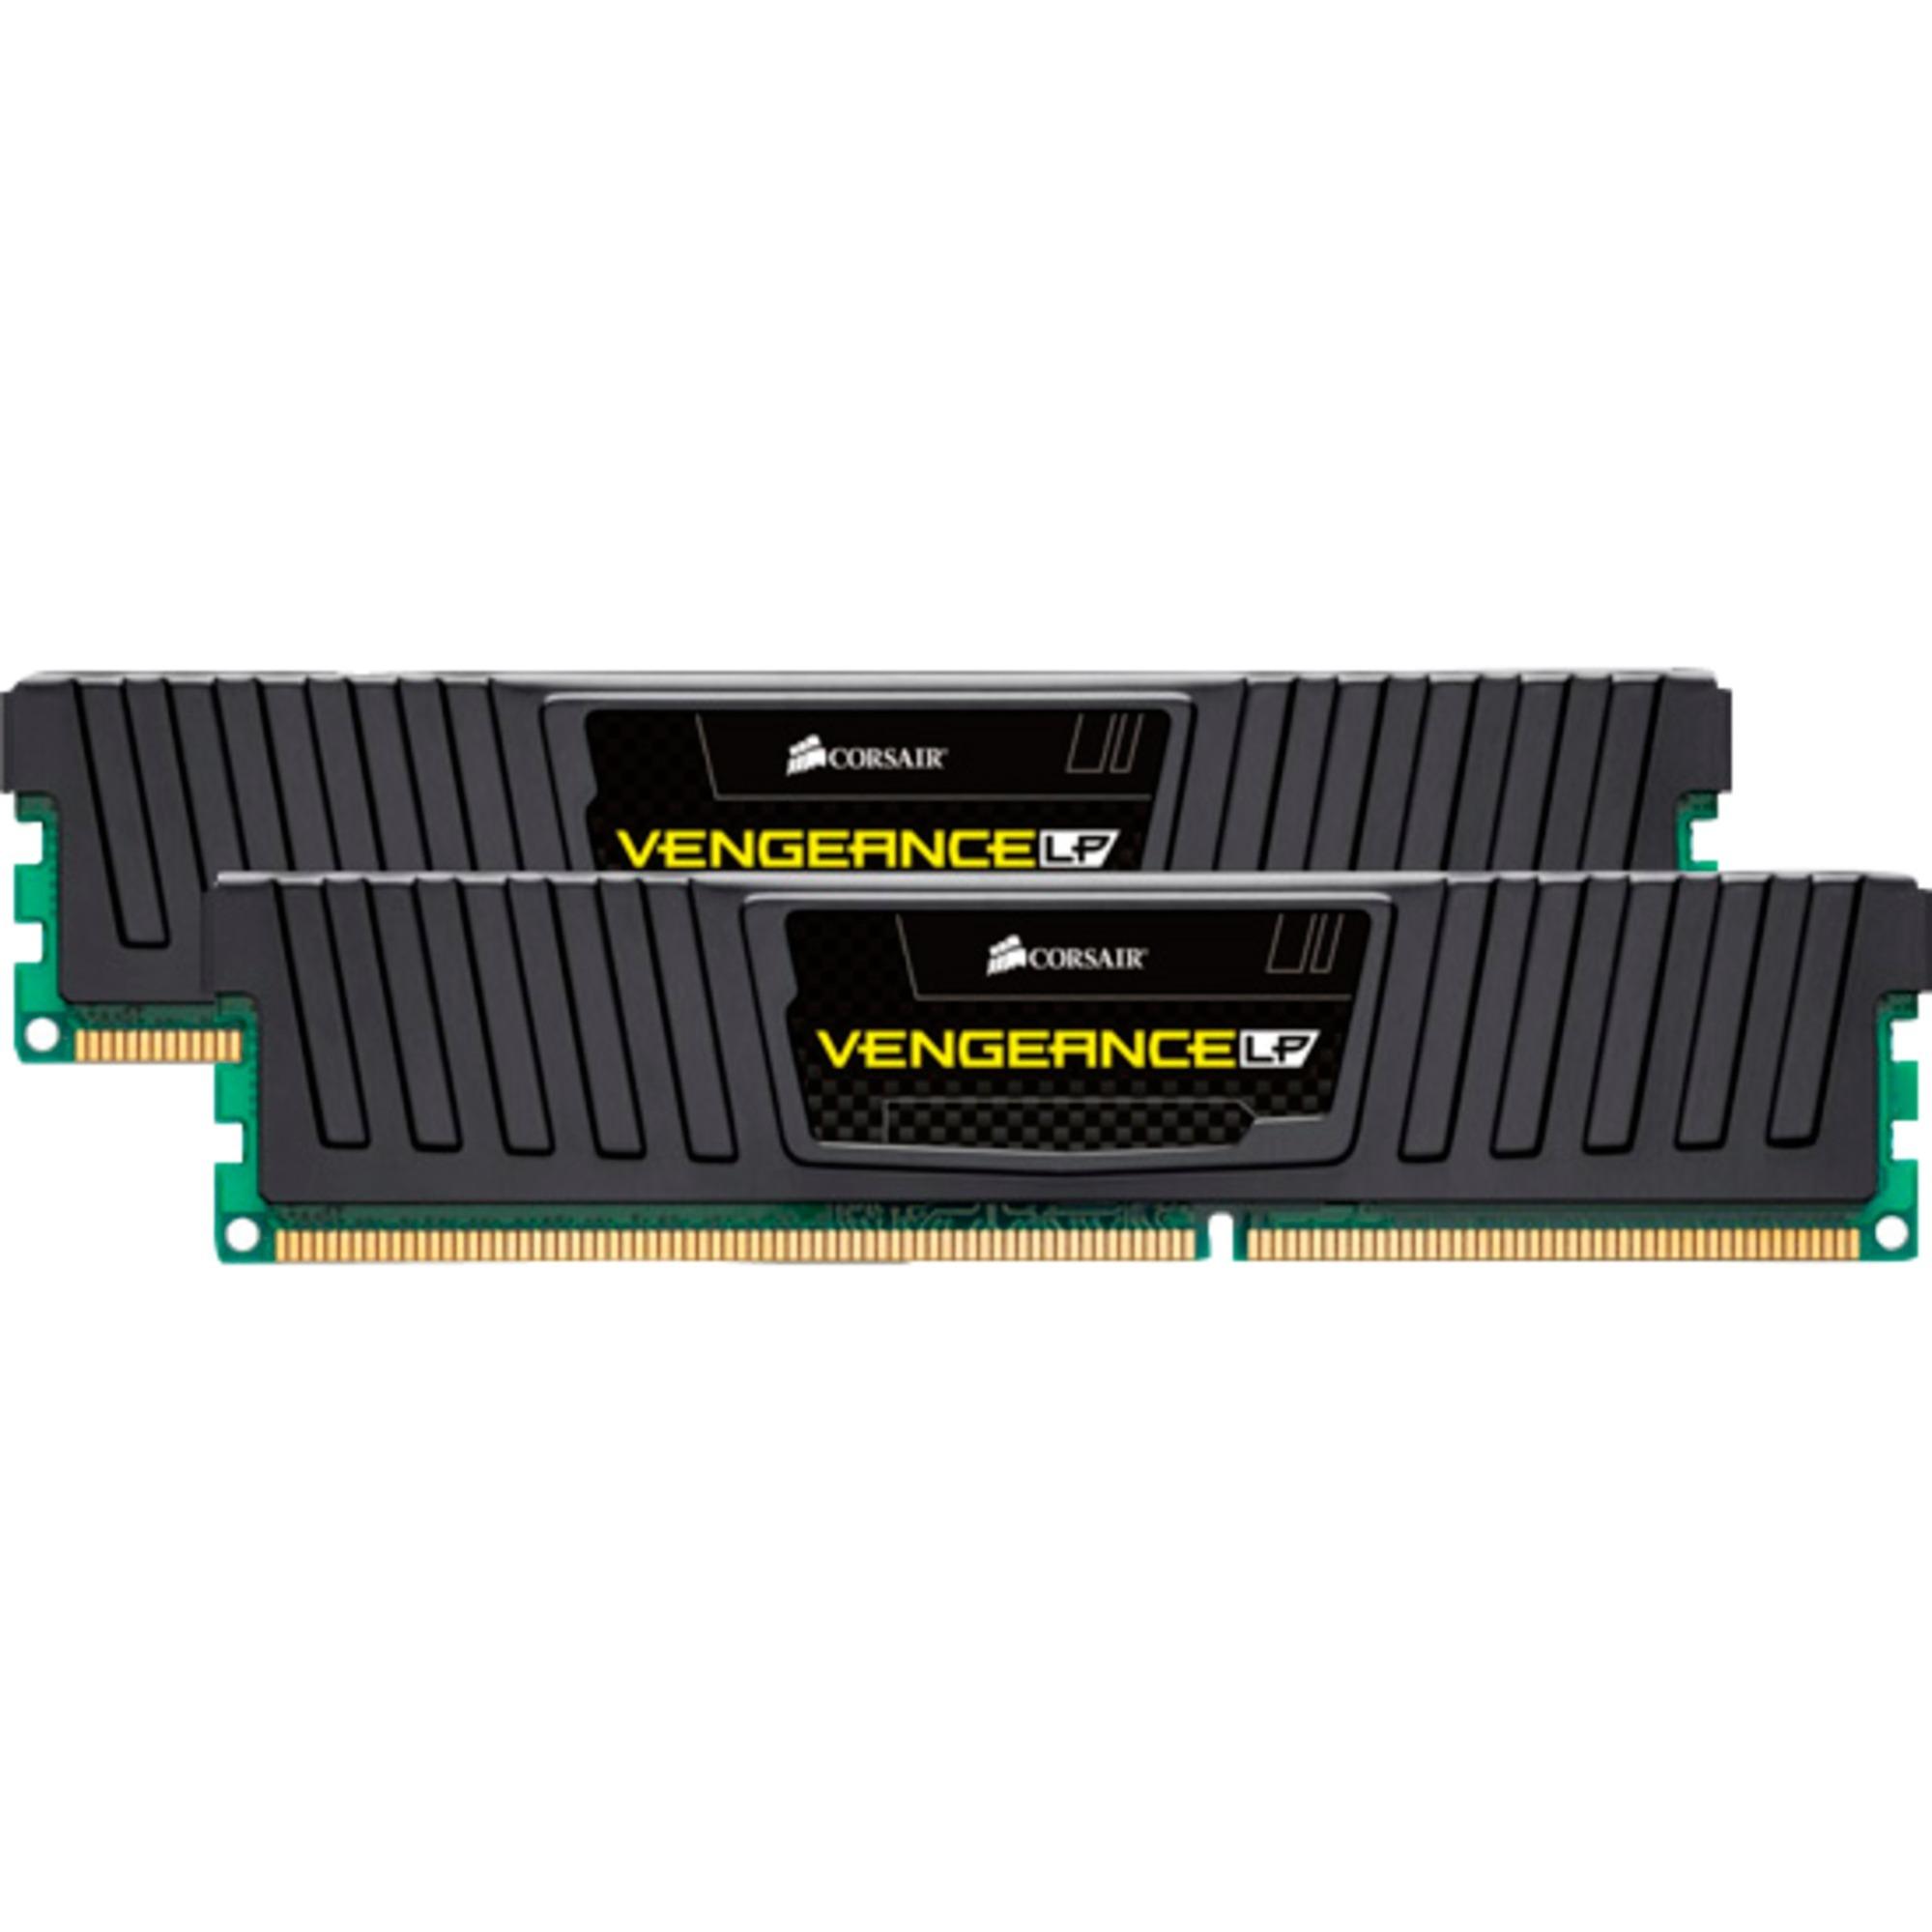 16GB 1600MHz CL10 DDR3 módulo de memoria, Memoria RAM